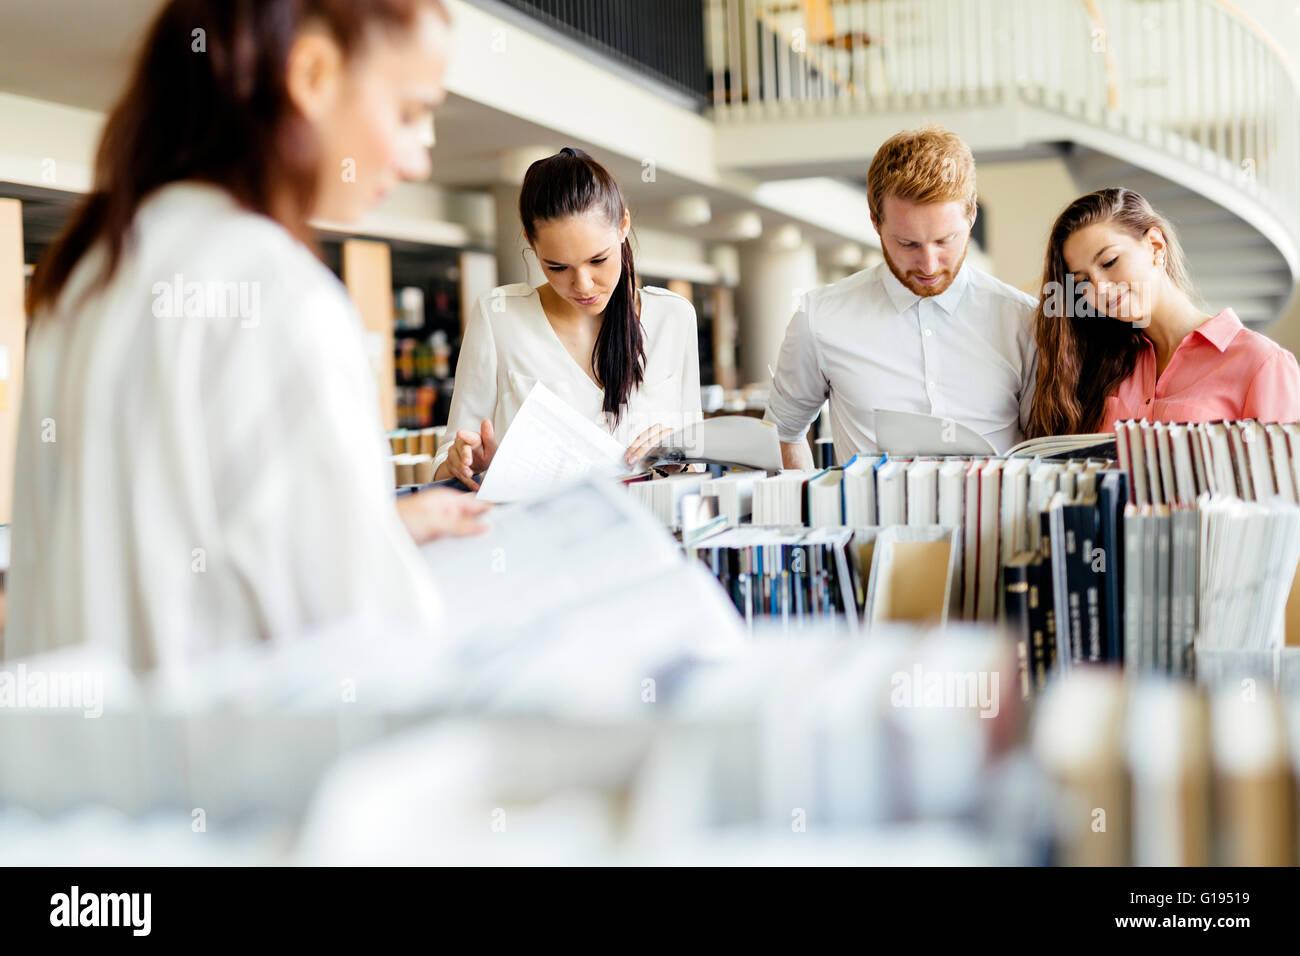 Gruppo di studenti che studiano in biblioteca e la lettura di libri Immagini Stock